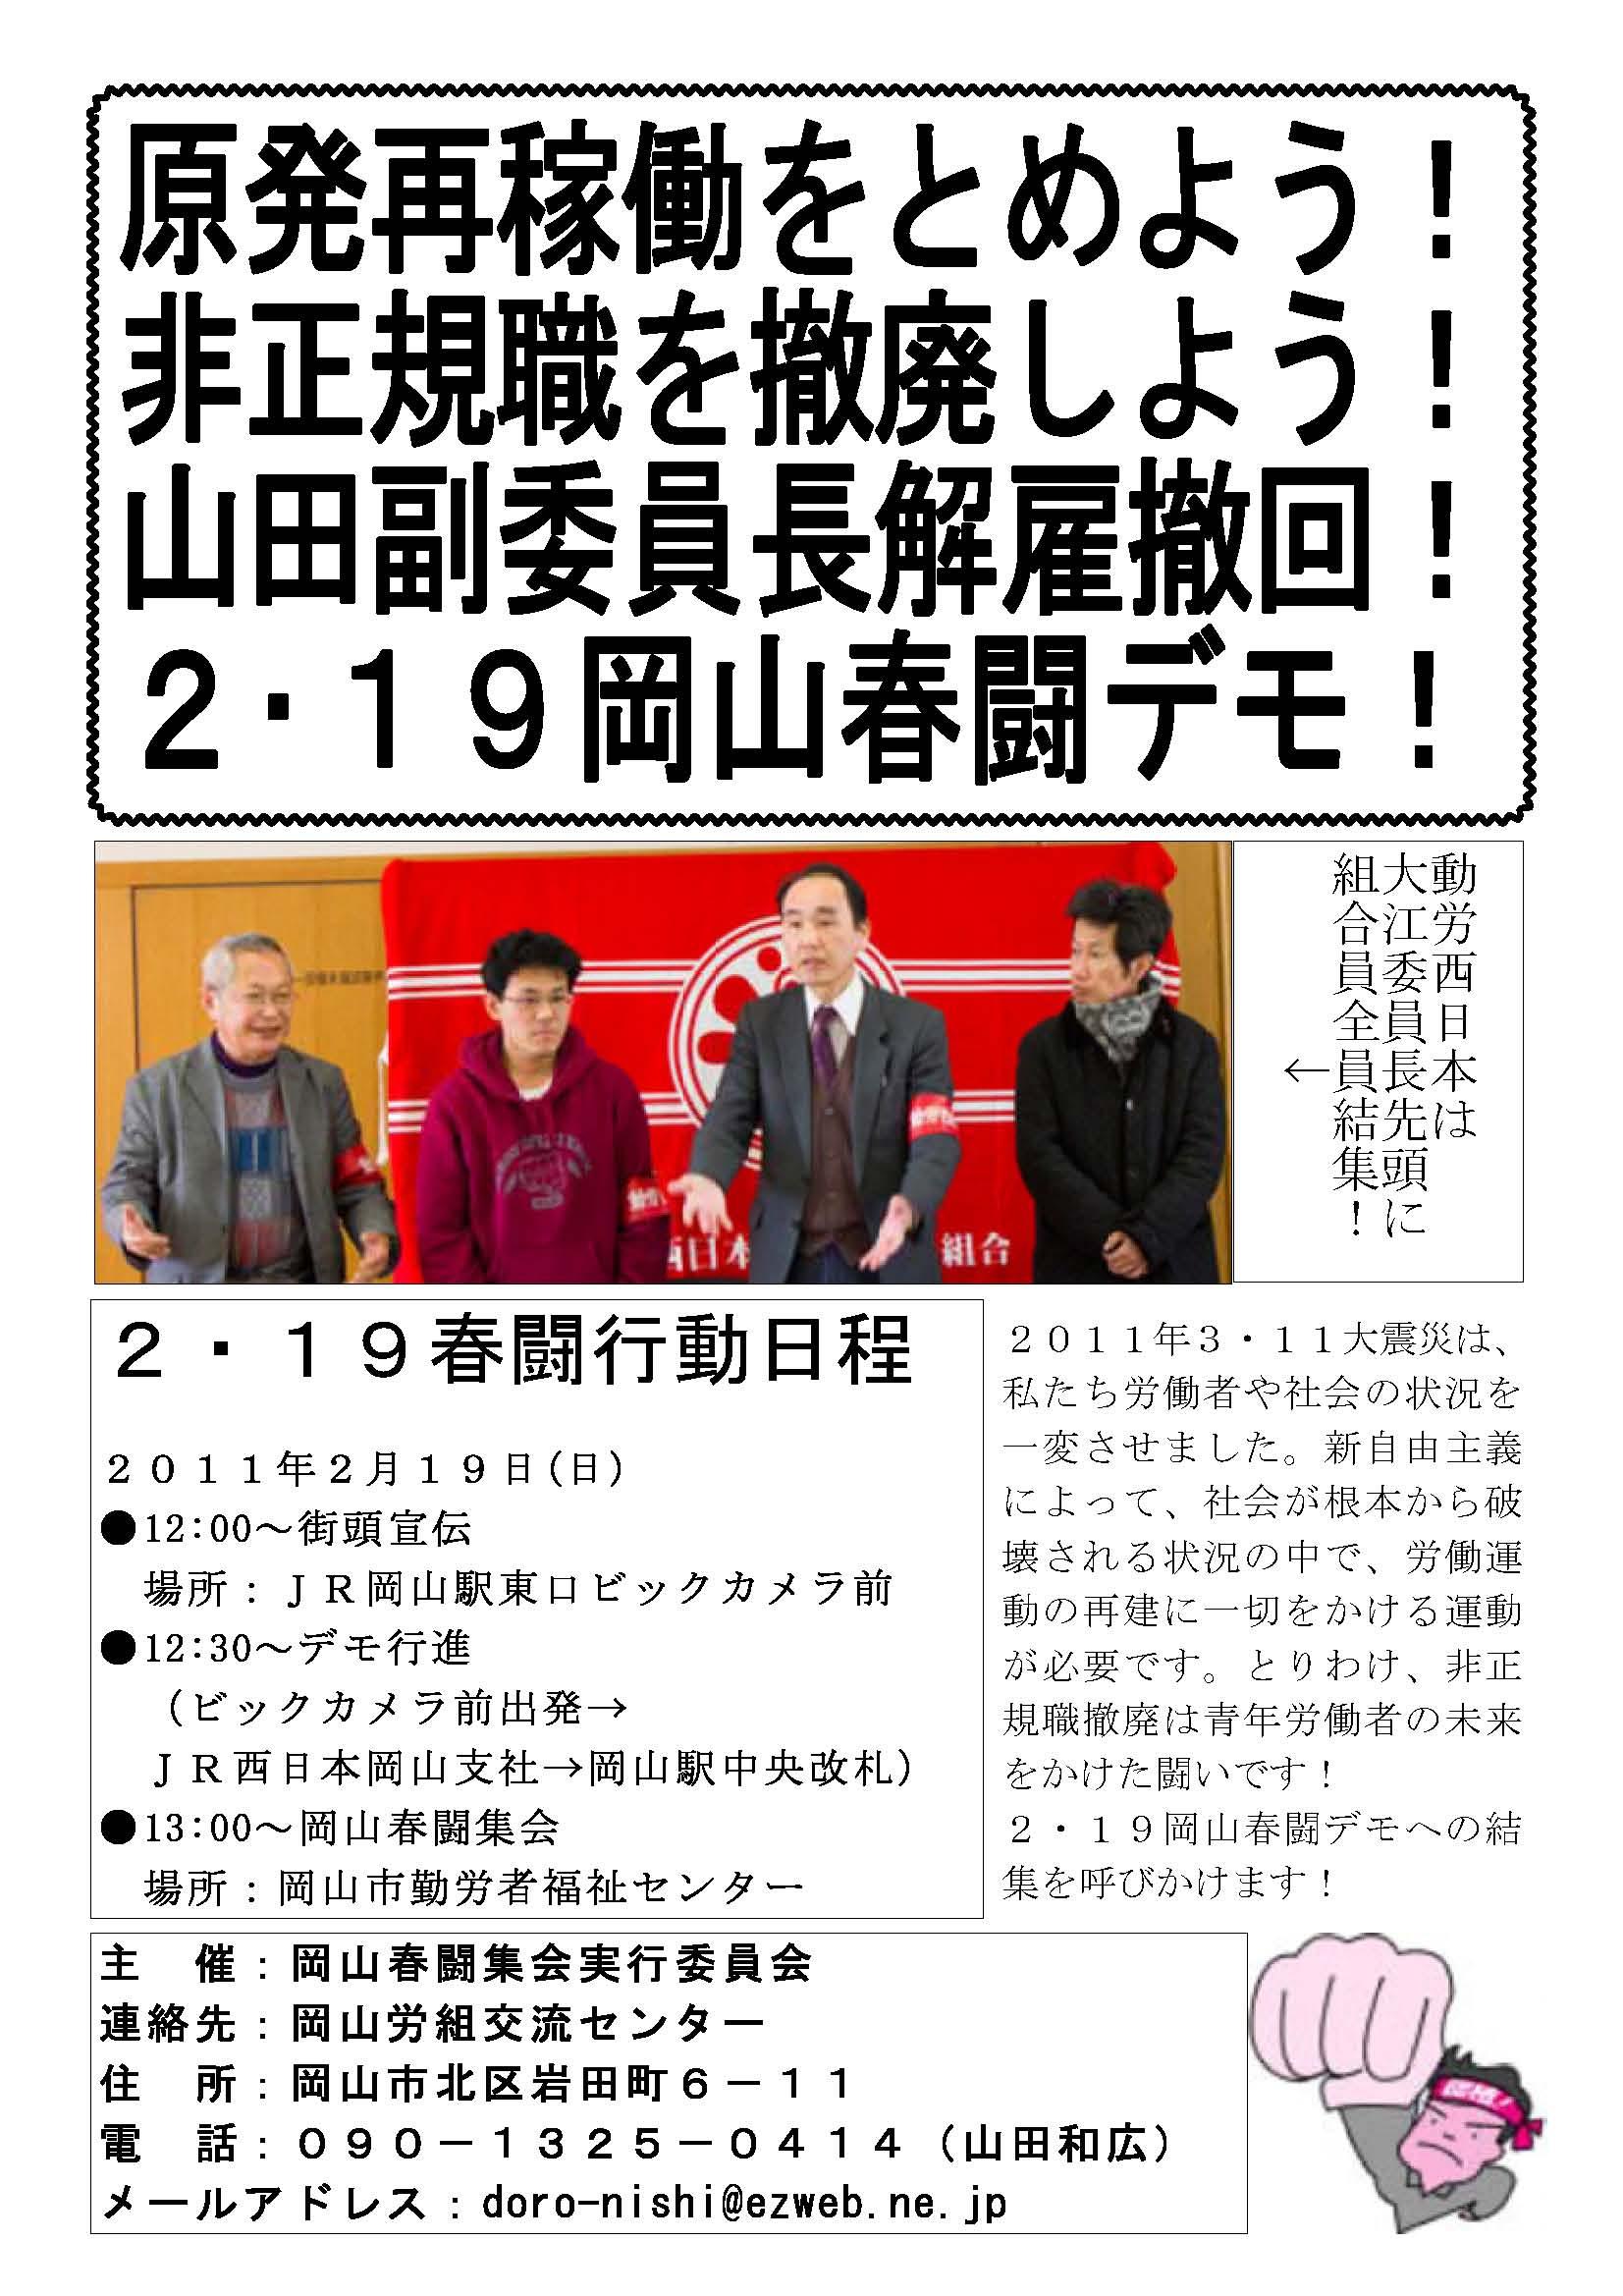 2・19岡山春闘ビラ第1段_d0155415_10214576.jpg